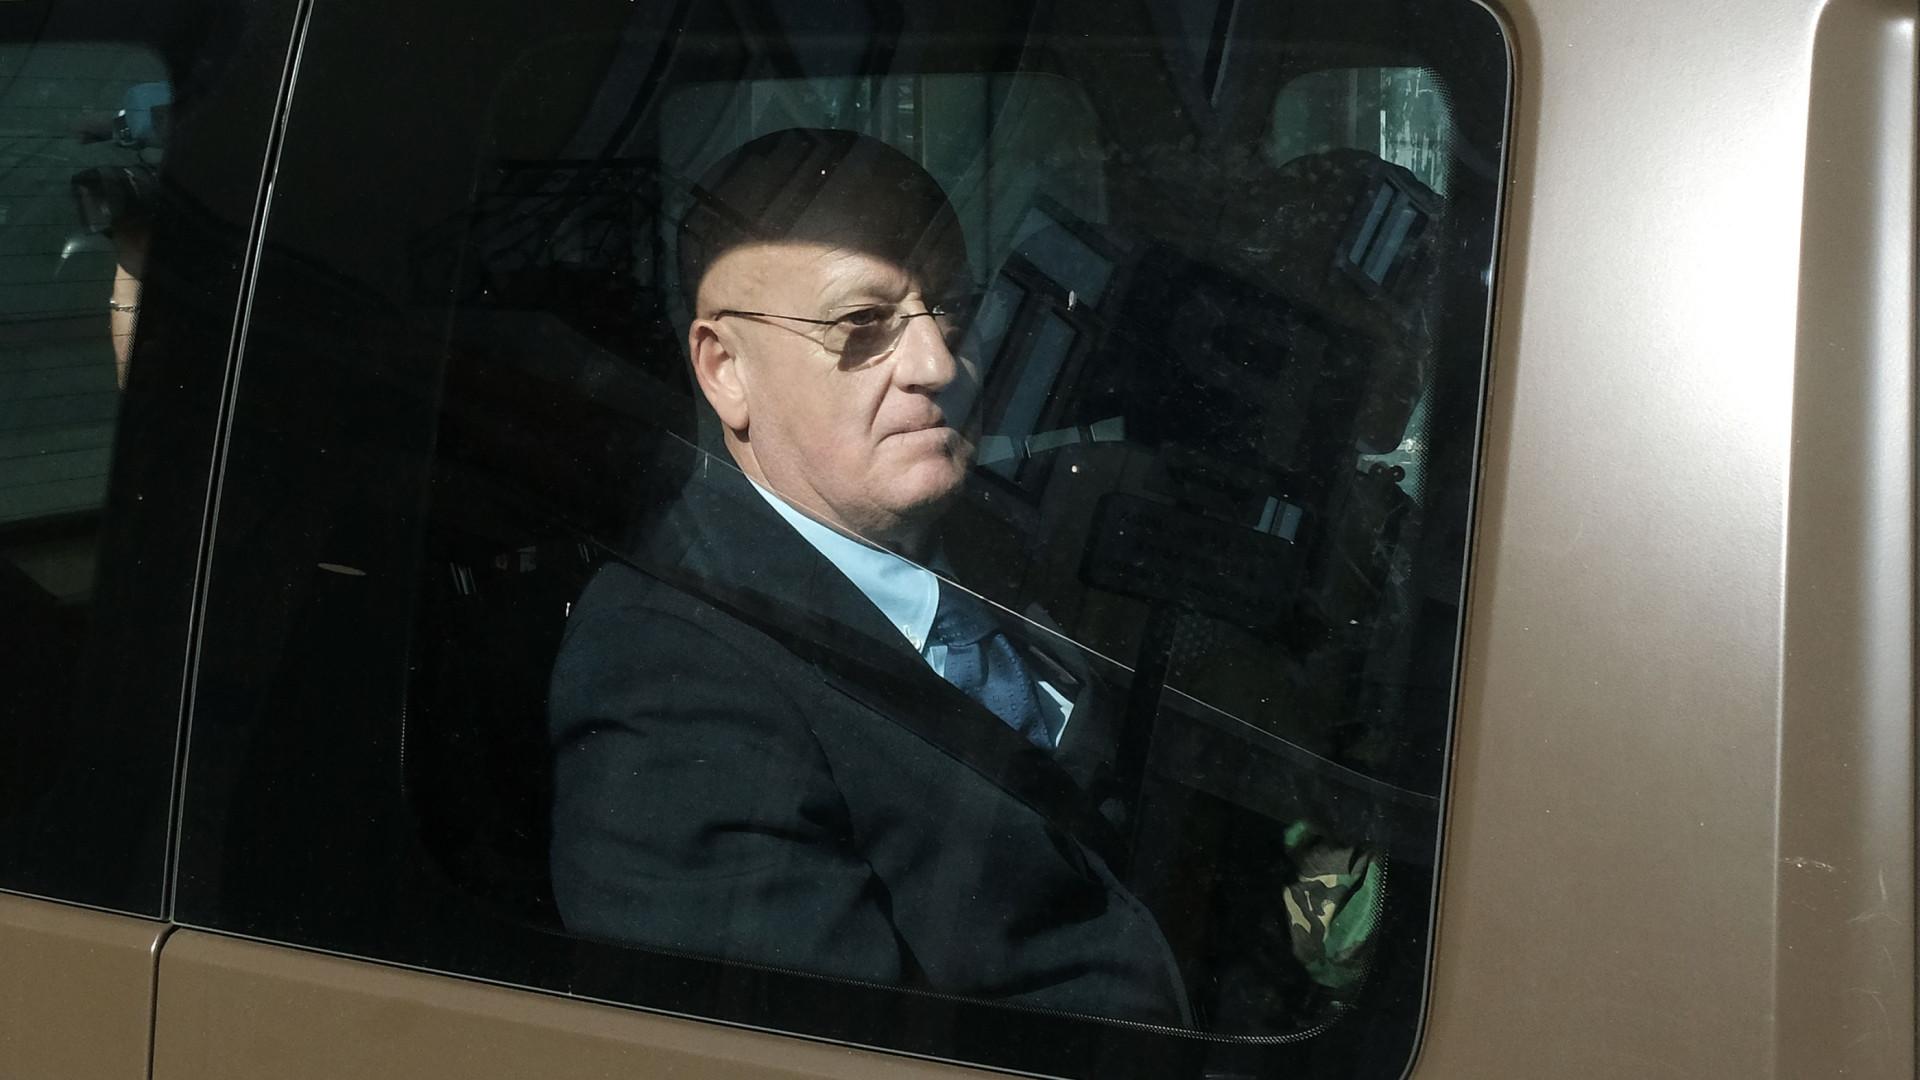 Juiz mantém ex-diretor da Polícia Judiciária Militar em prisão preventiva